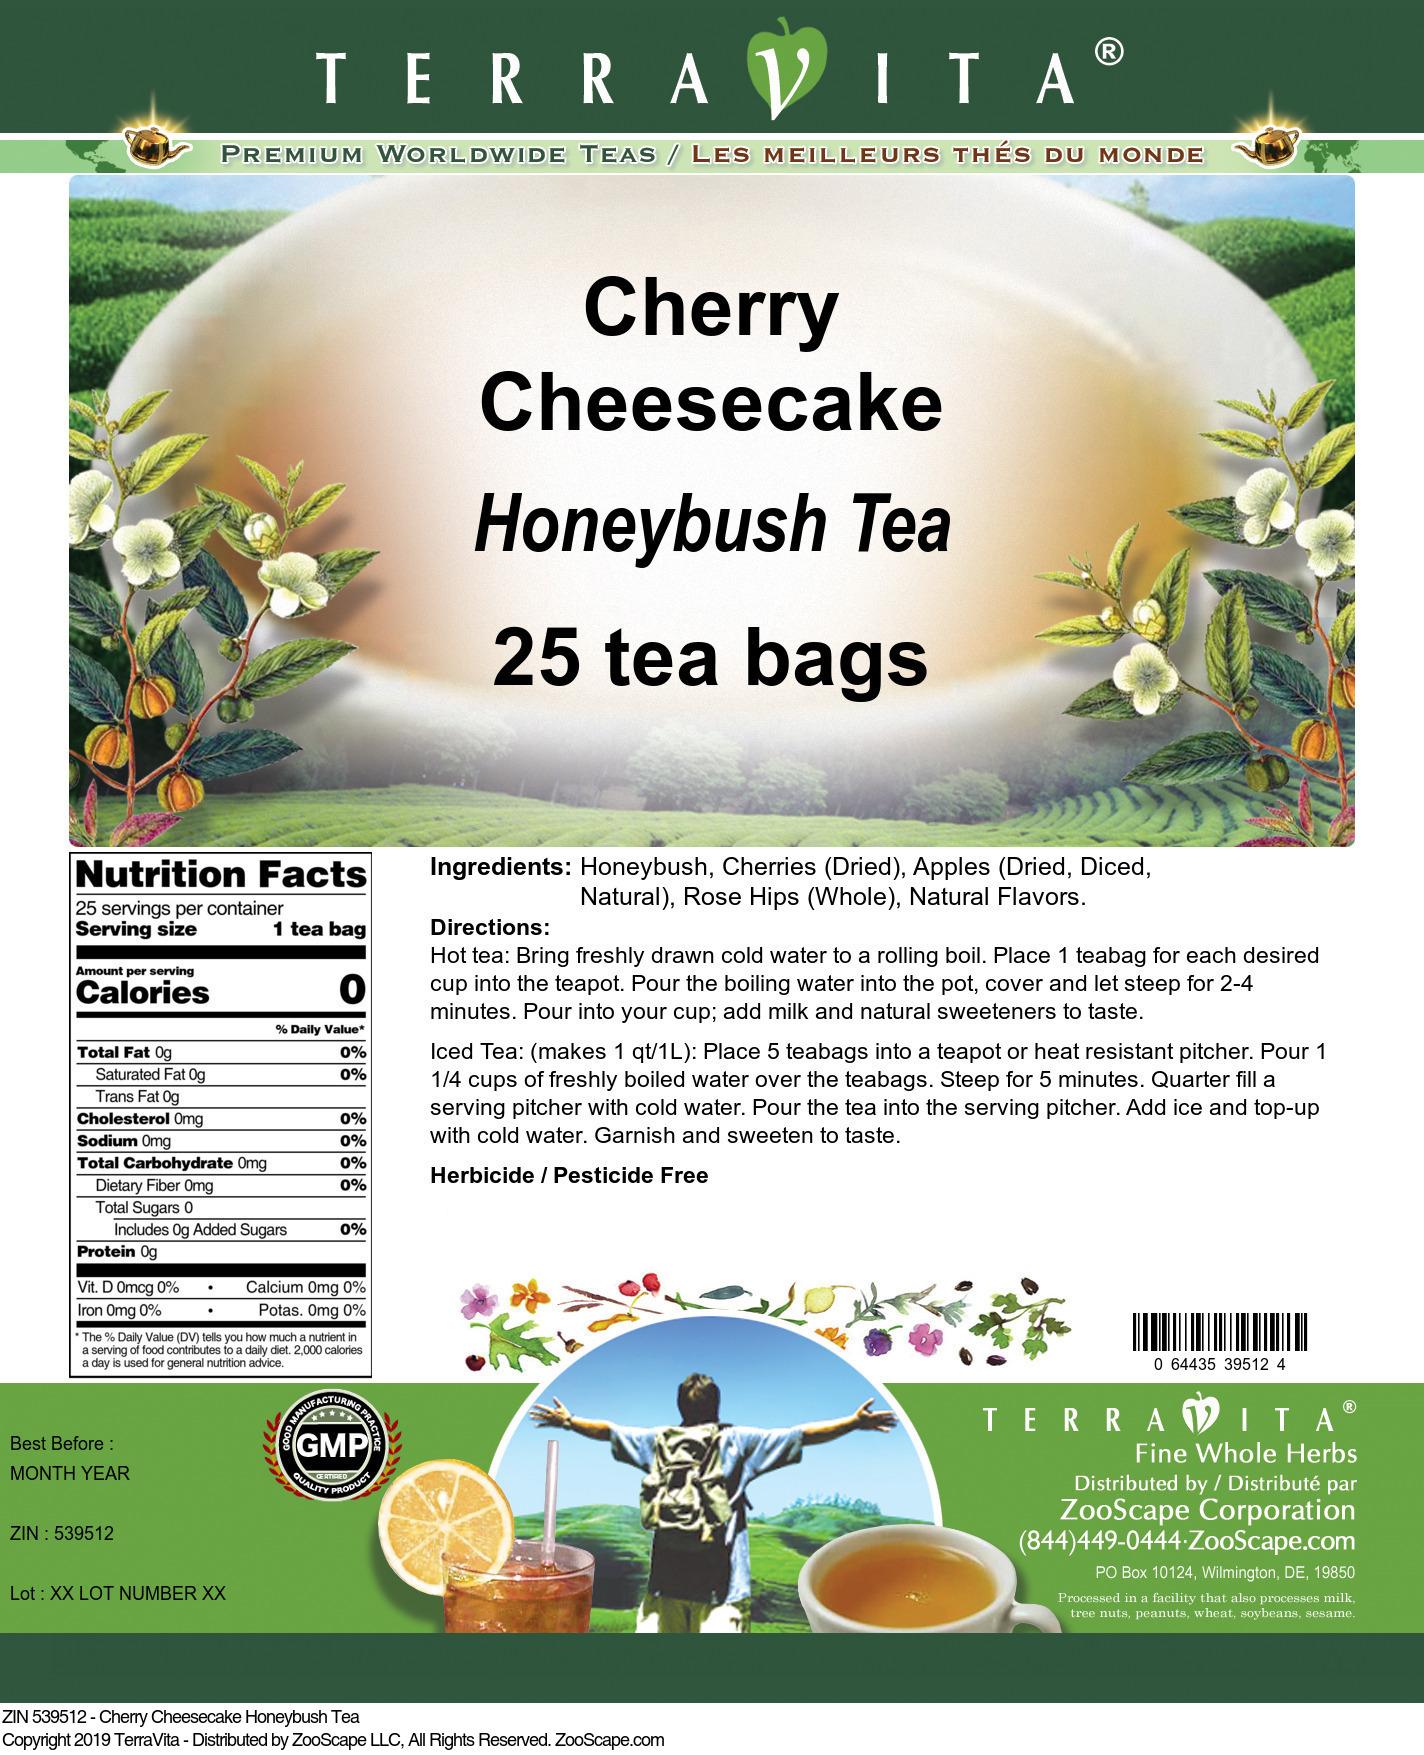 Cherry Cheesecake Honeybush Tea